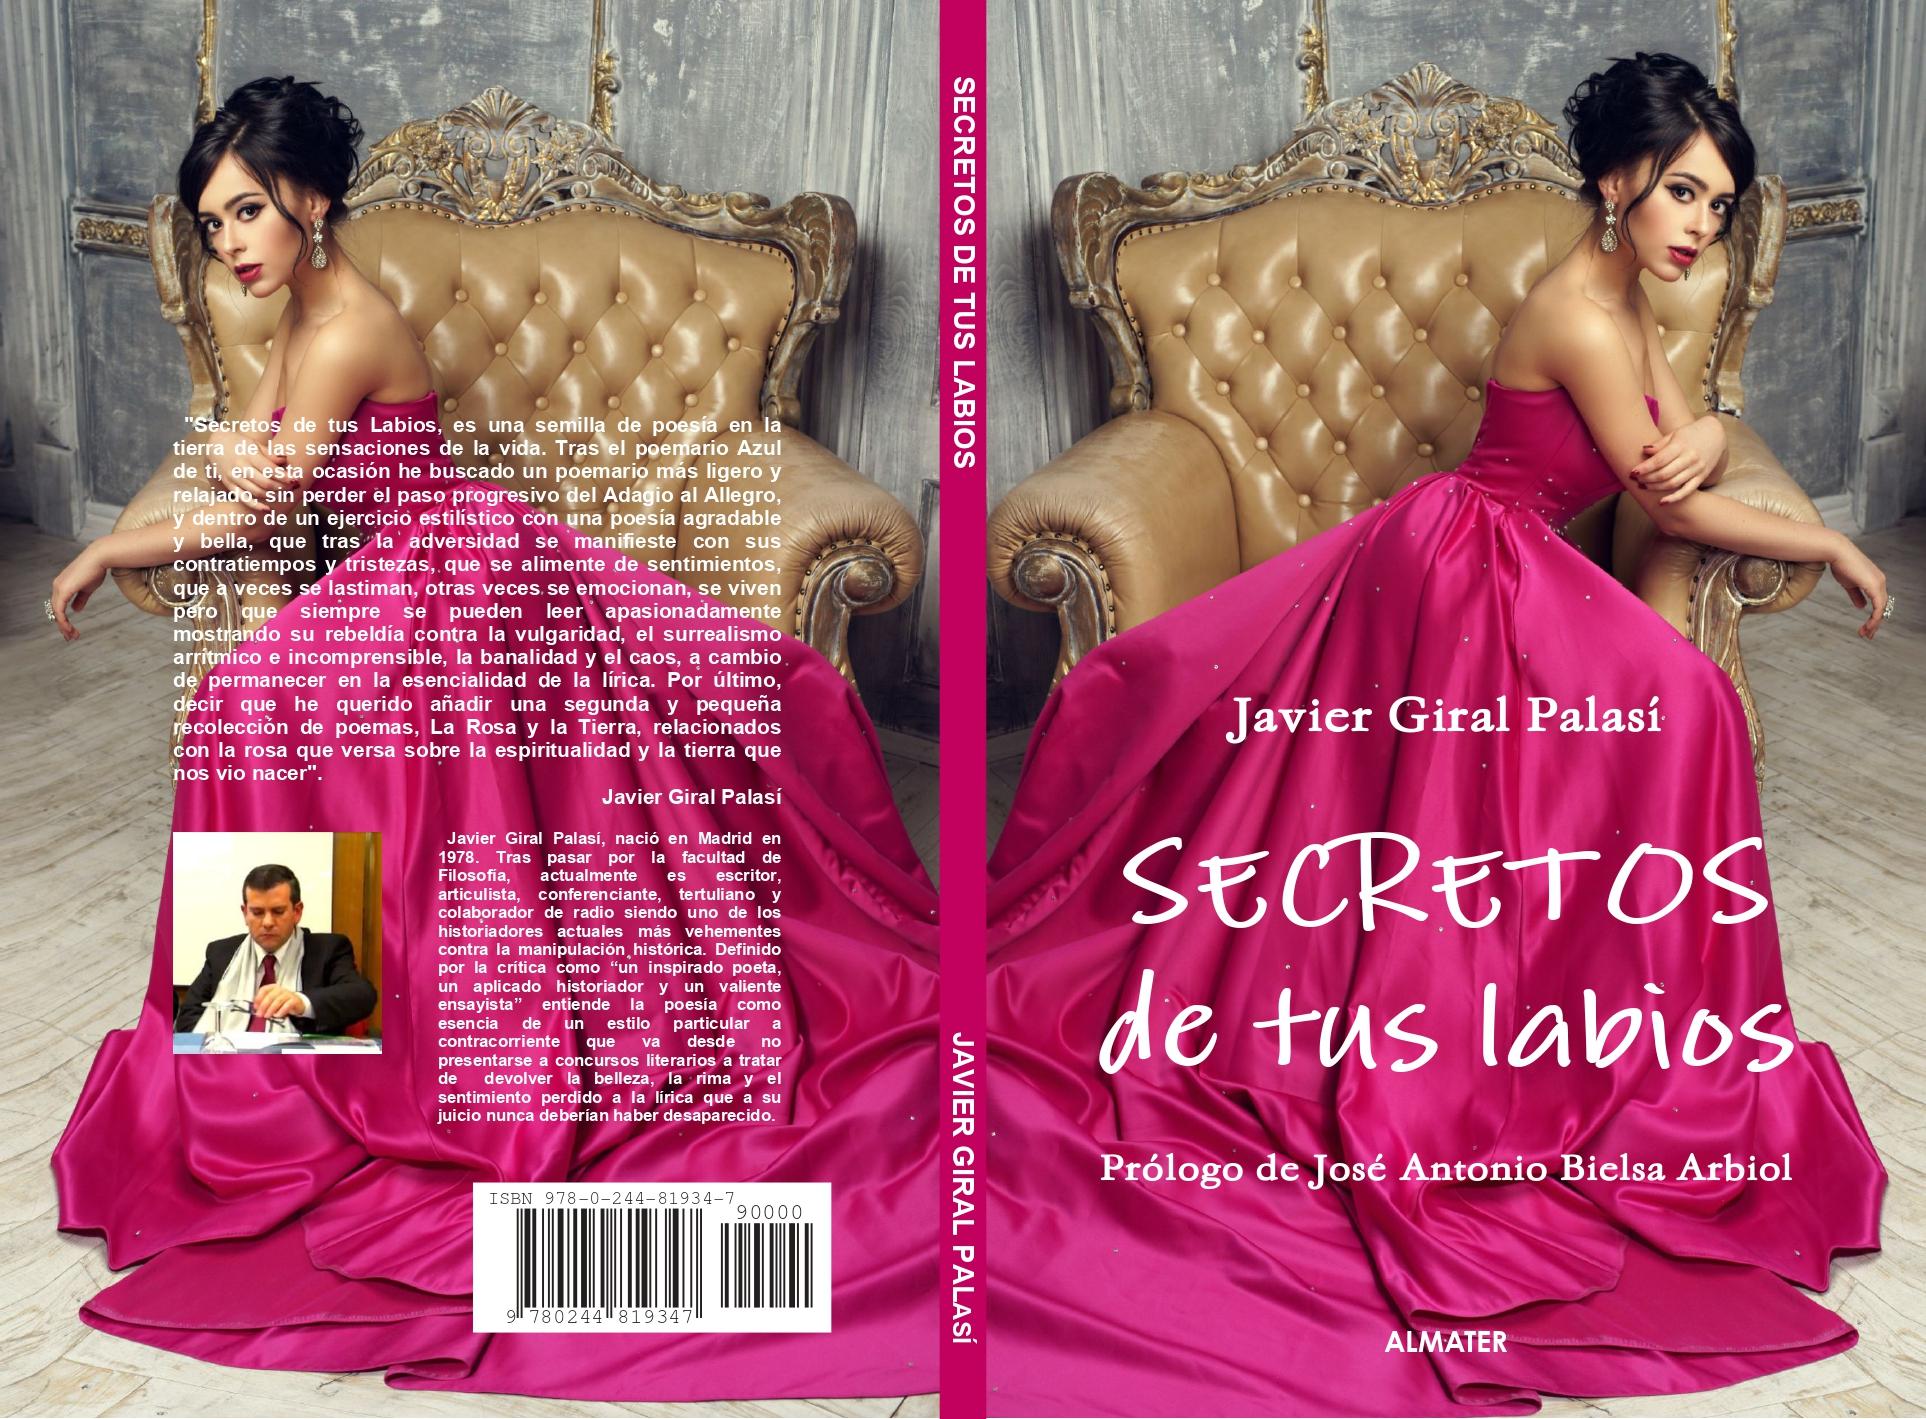 portada secretos 13 enero_page-0001